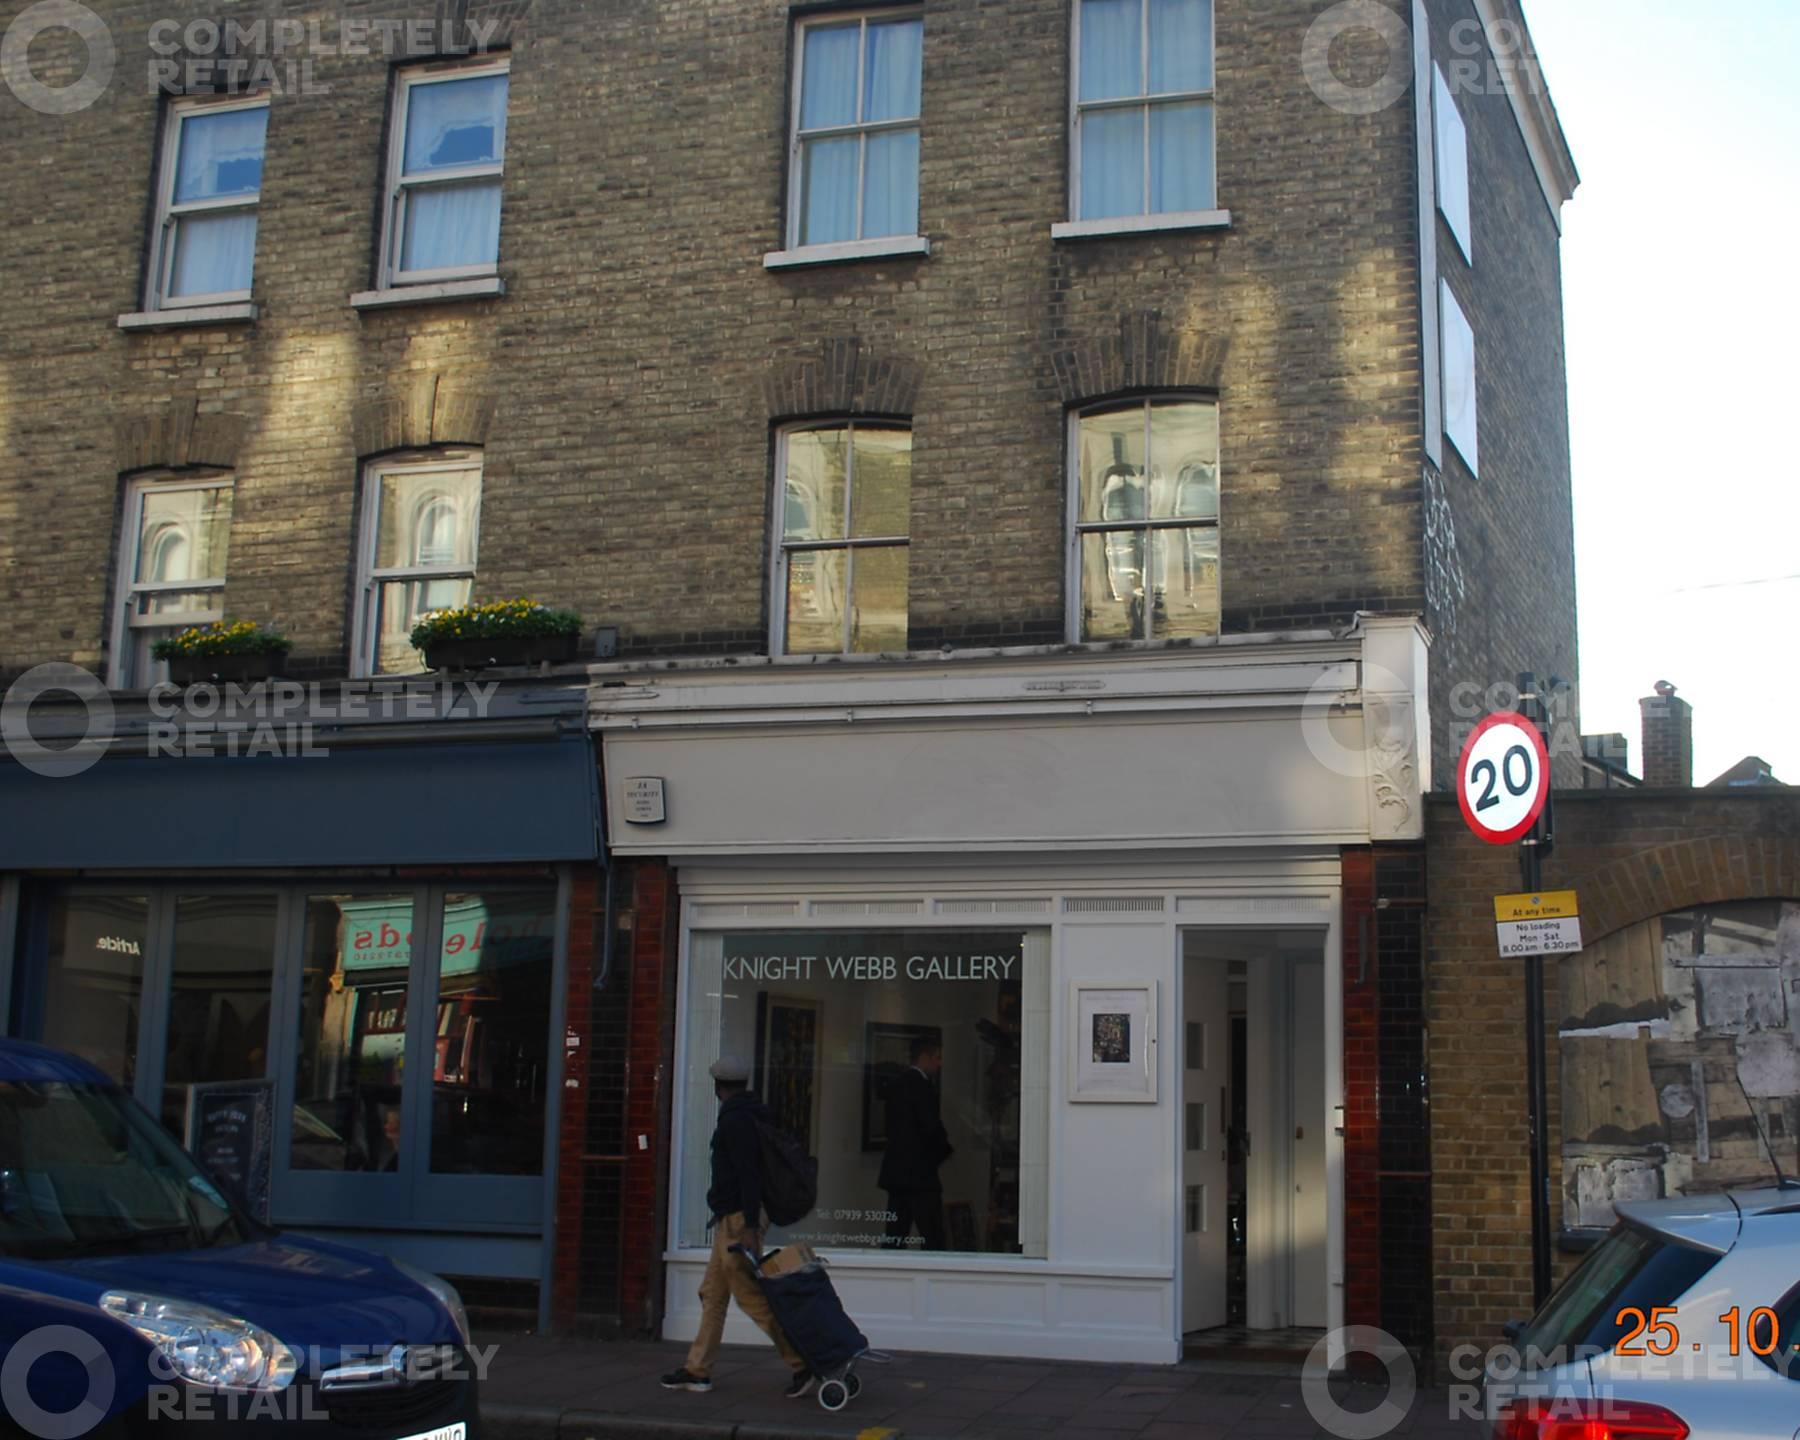 54 Atlantic Road, Brixton, SW9 8PZ